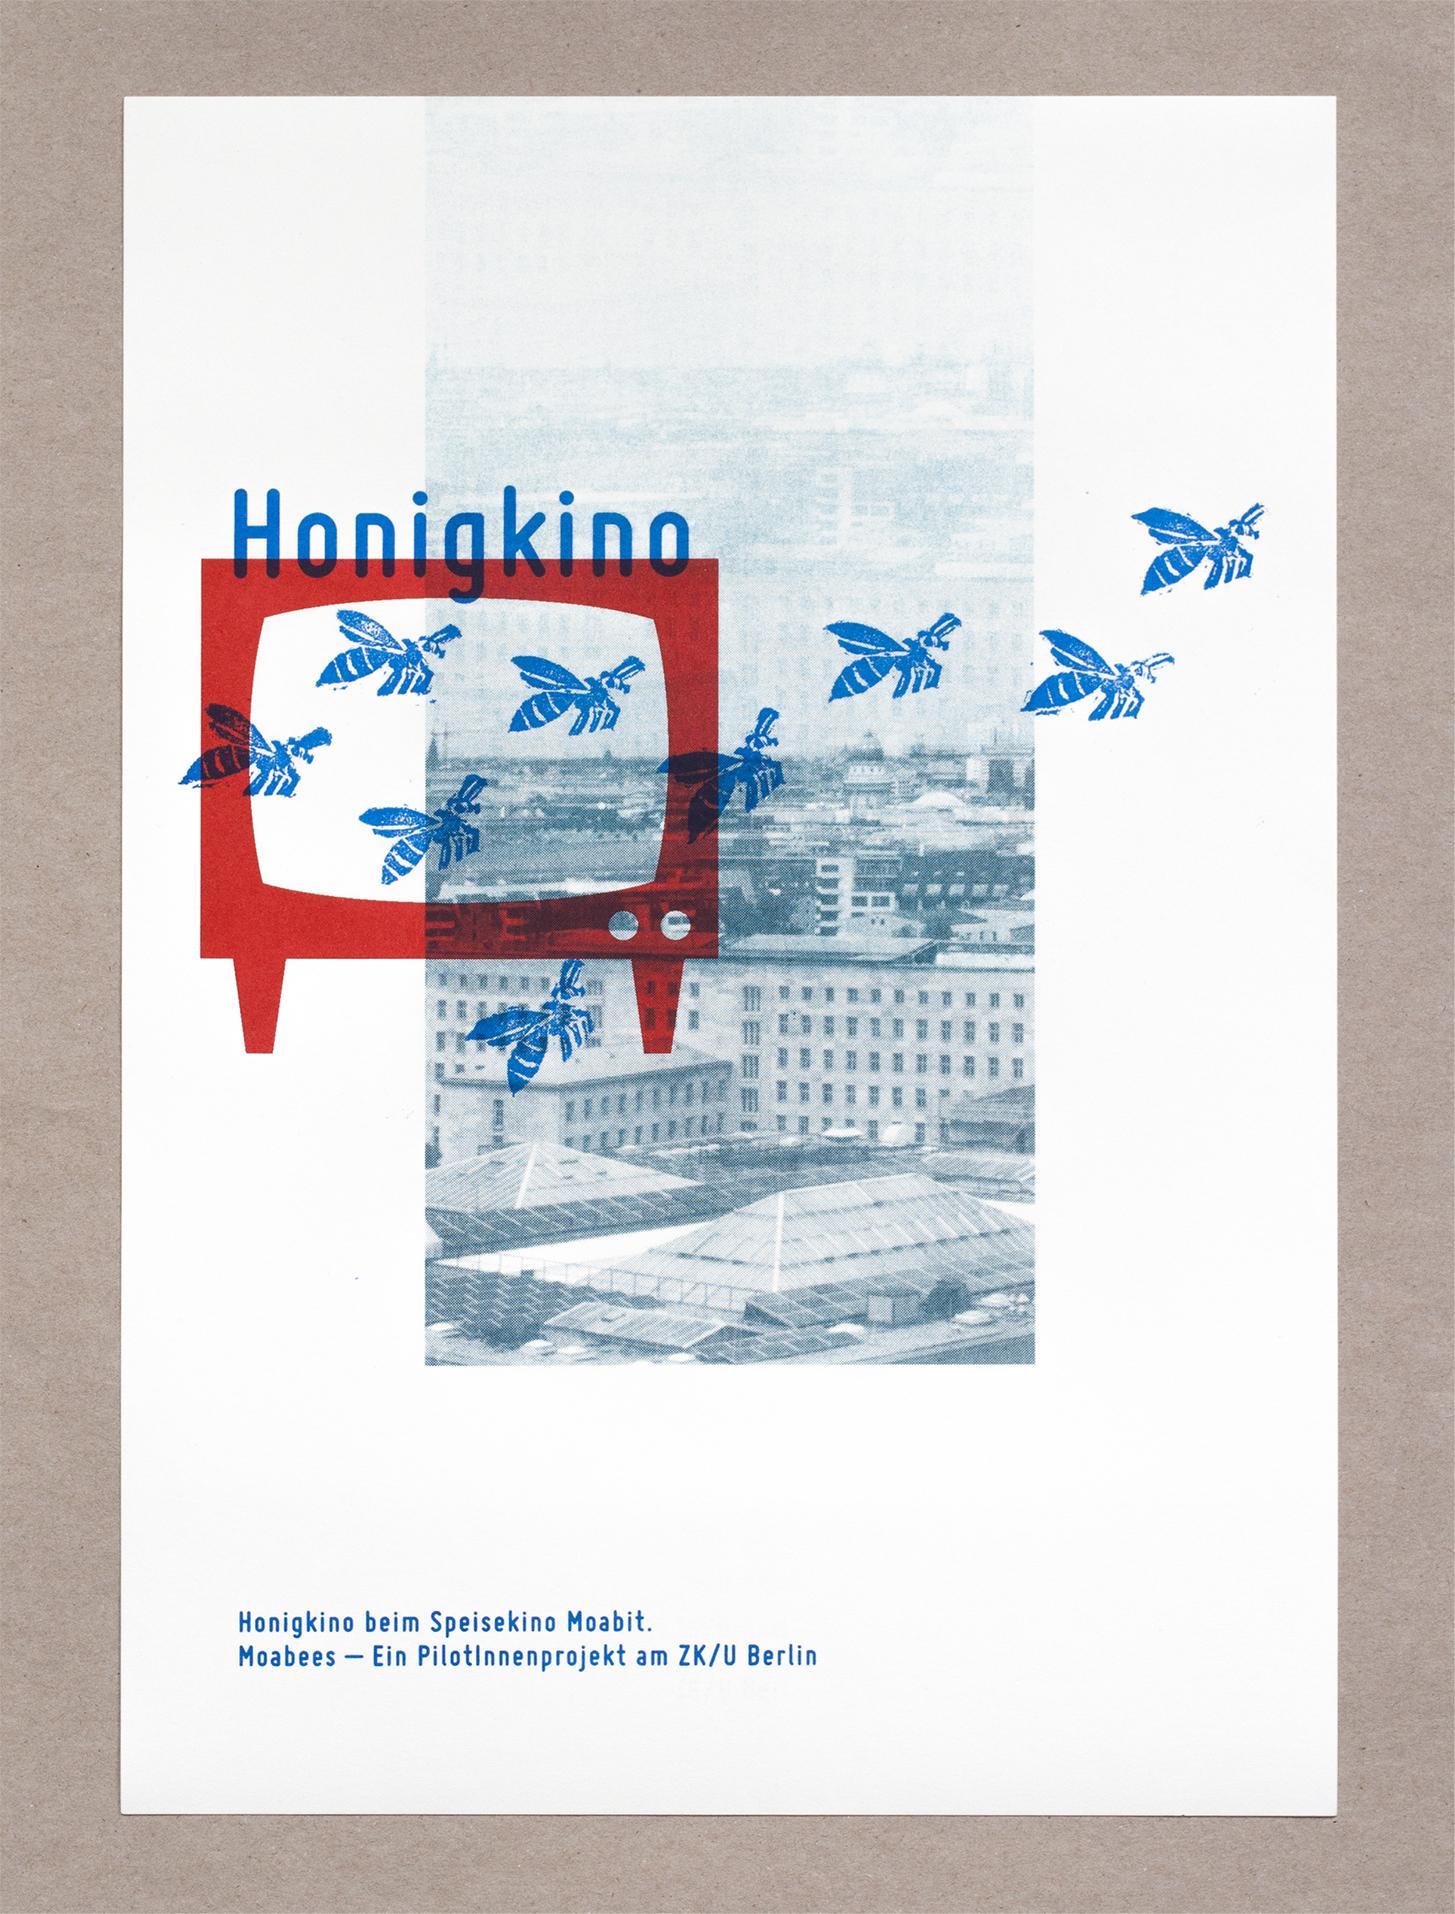 Honigkino am ZK/U Berlin